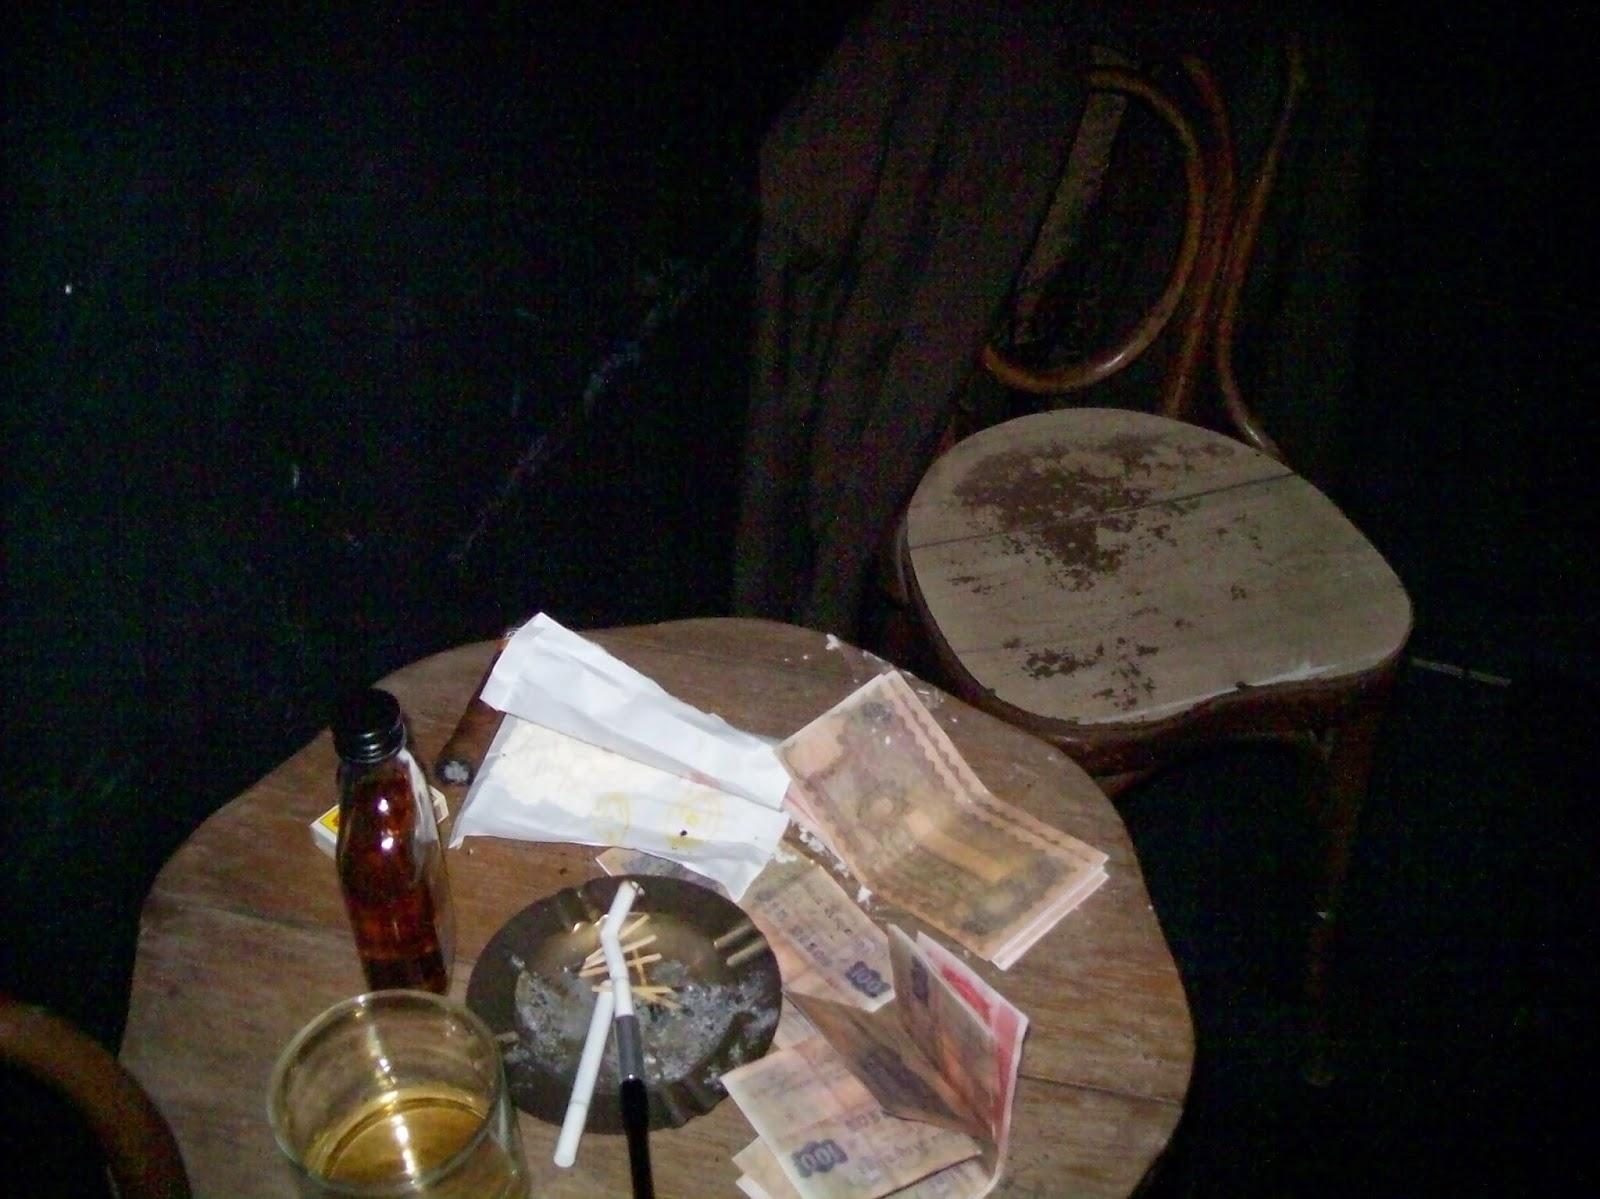 Prostitutas francesas prostitutas griegas